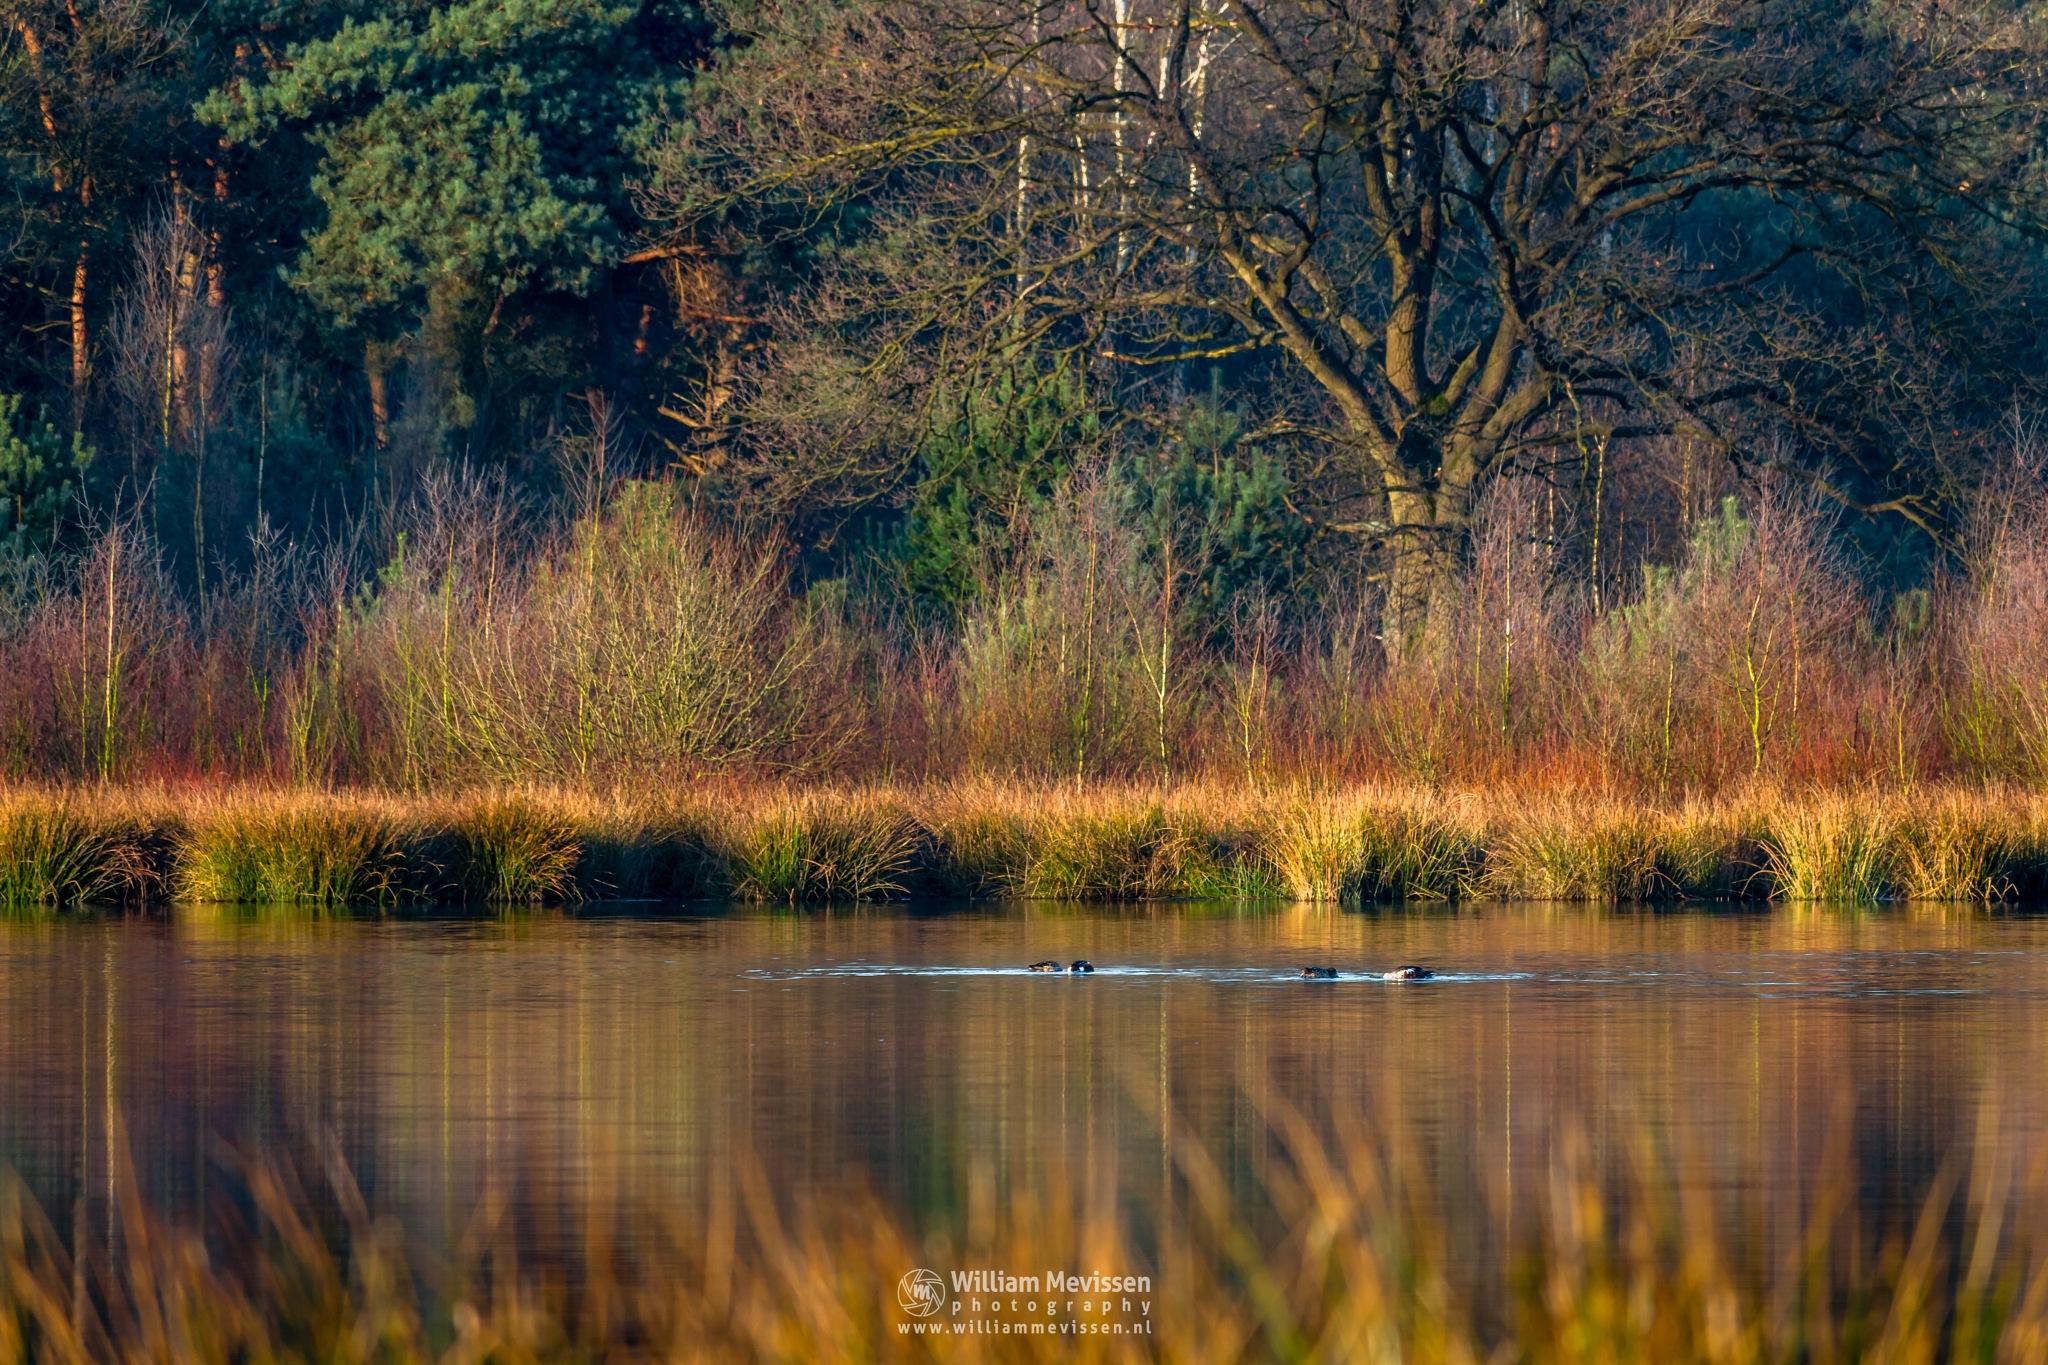 Let's Duck by William Mevissen